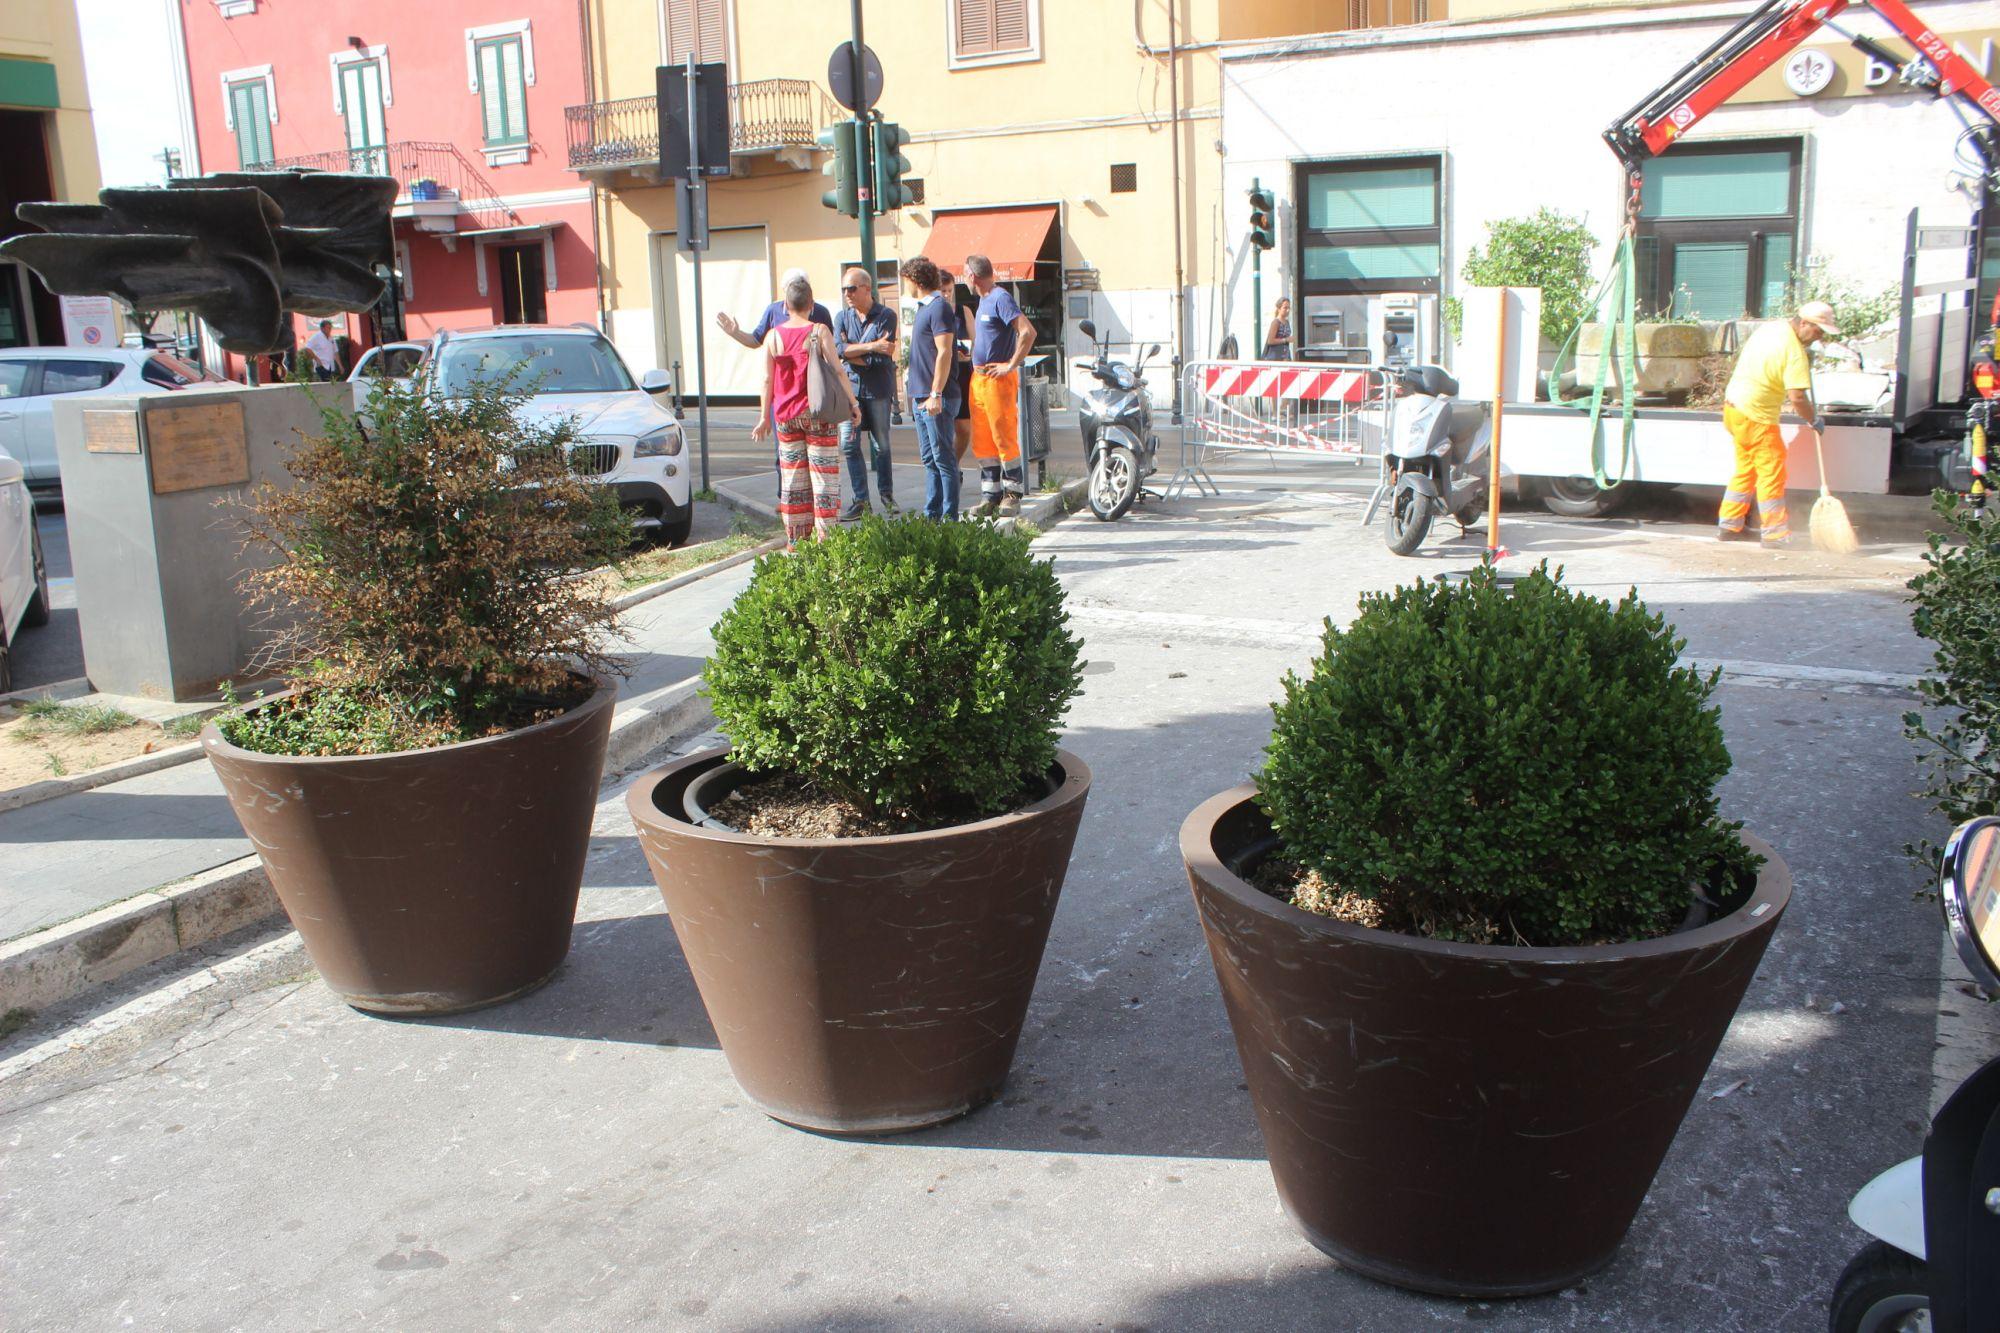 Divieto sosta e fioriere contro parcheggio selvaggio scooter a Porta a Pisa